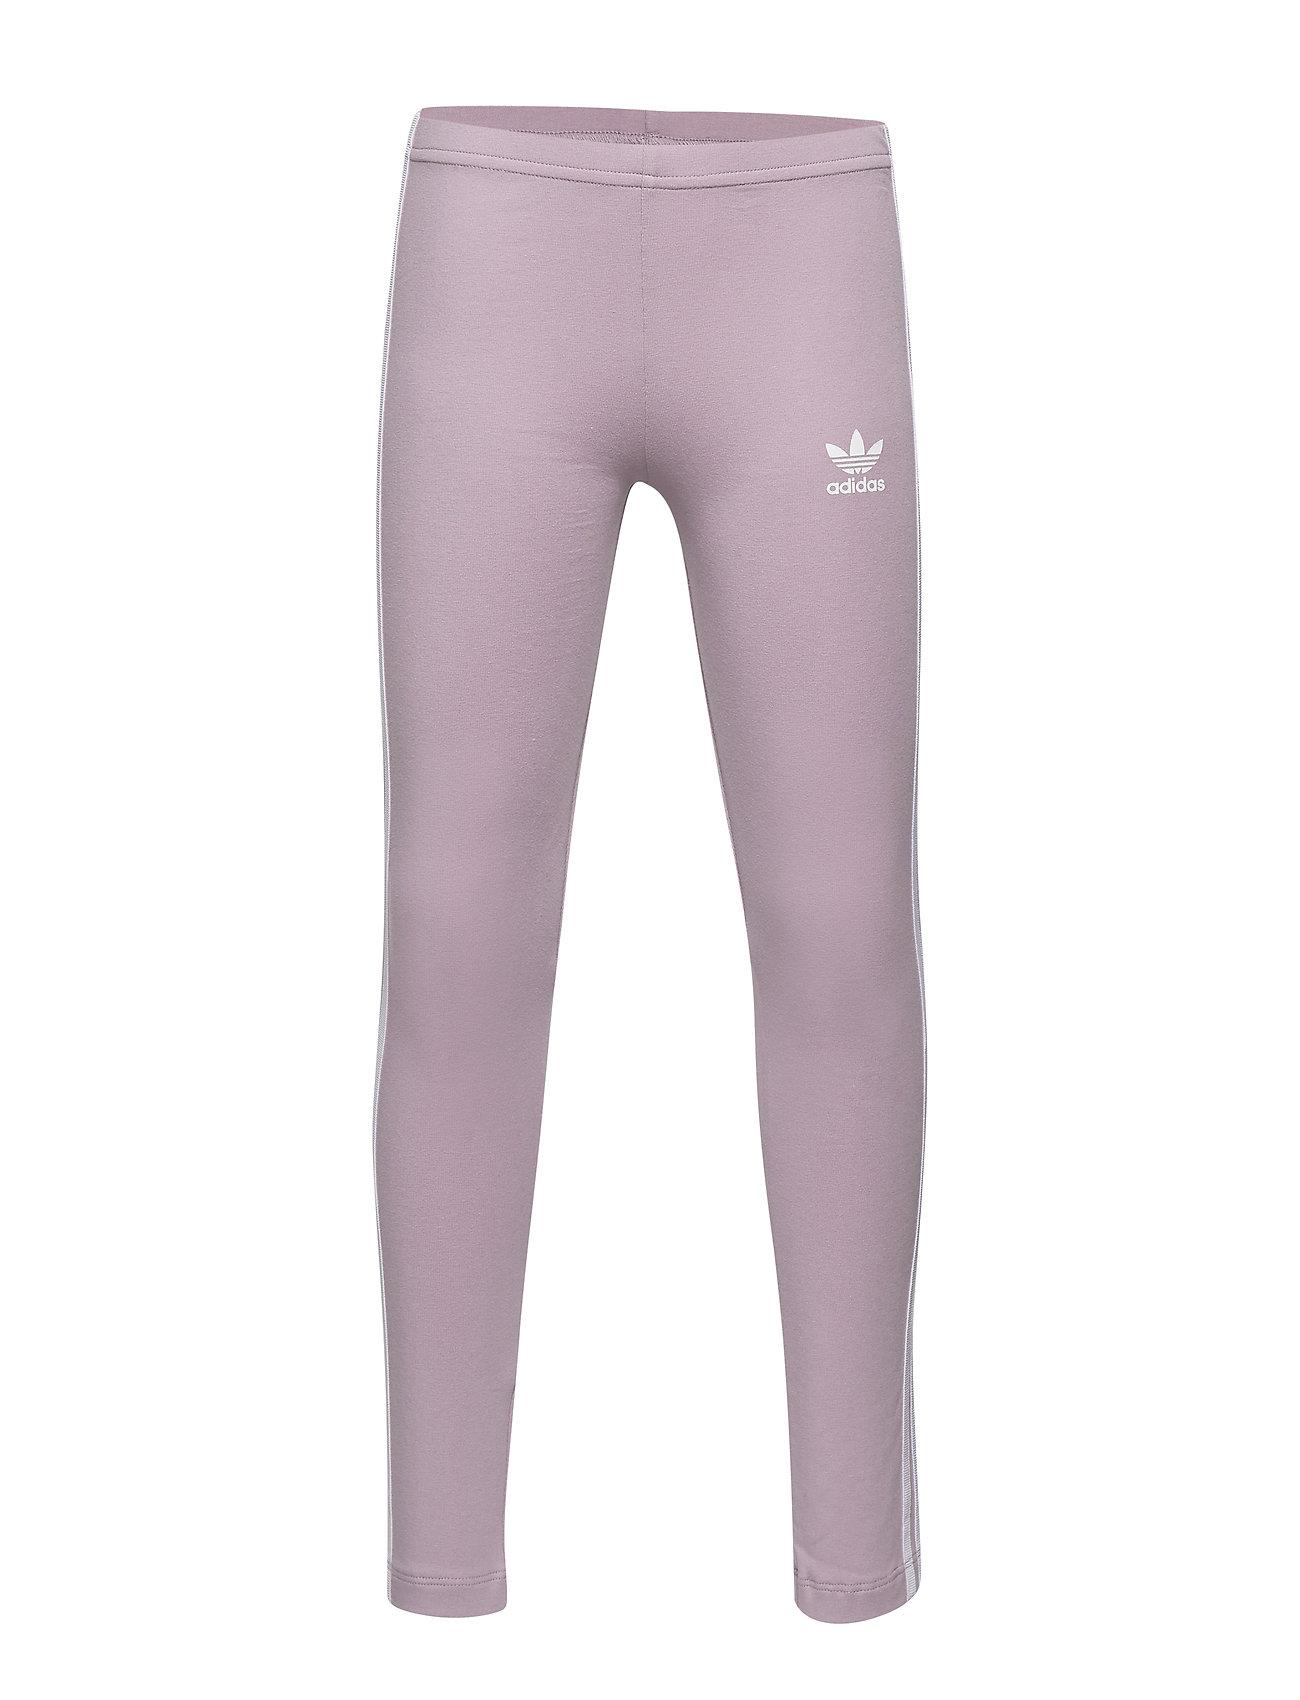 adidas Originals 3STRIPES LEGG - SOFVIS/WHITE